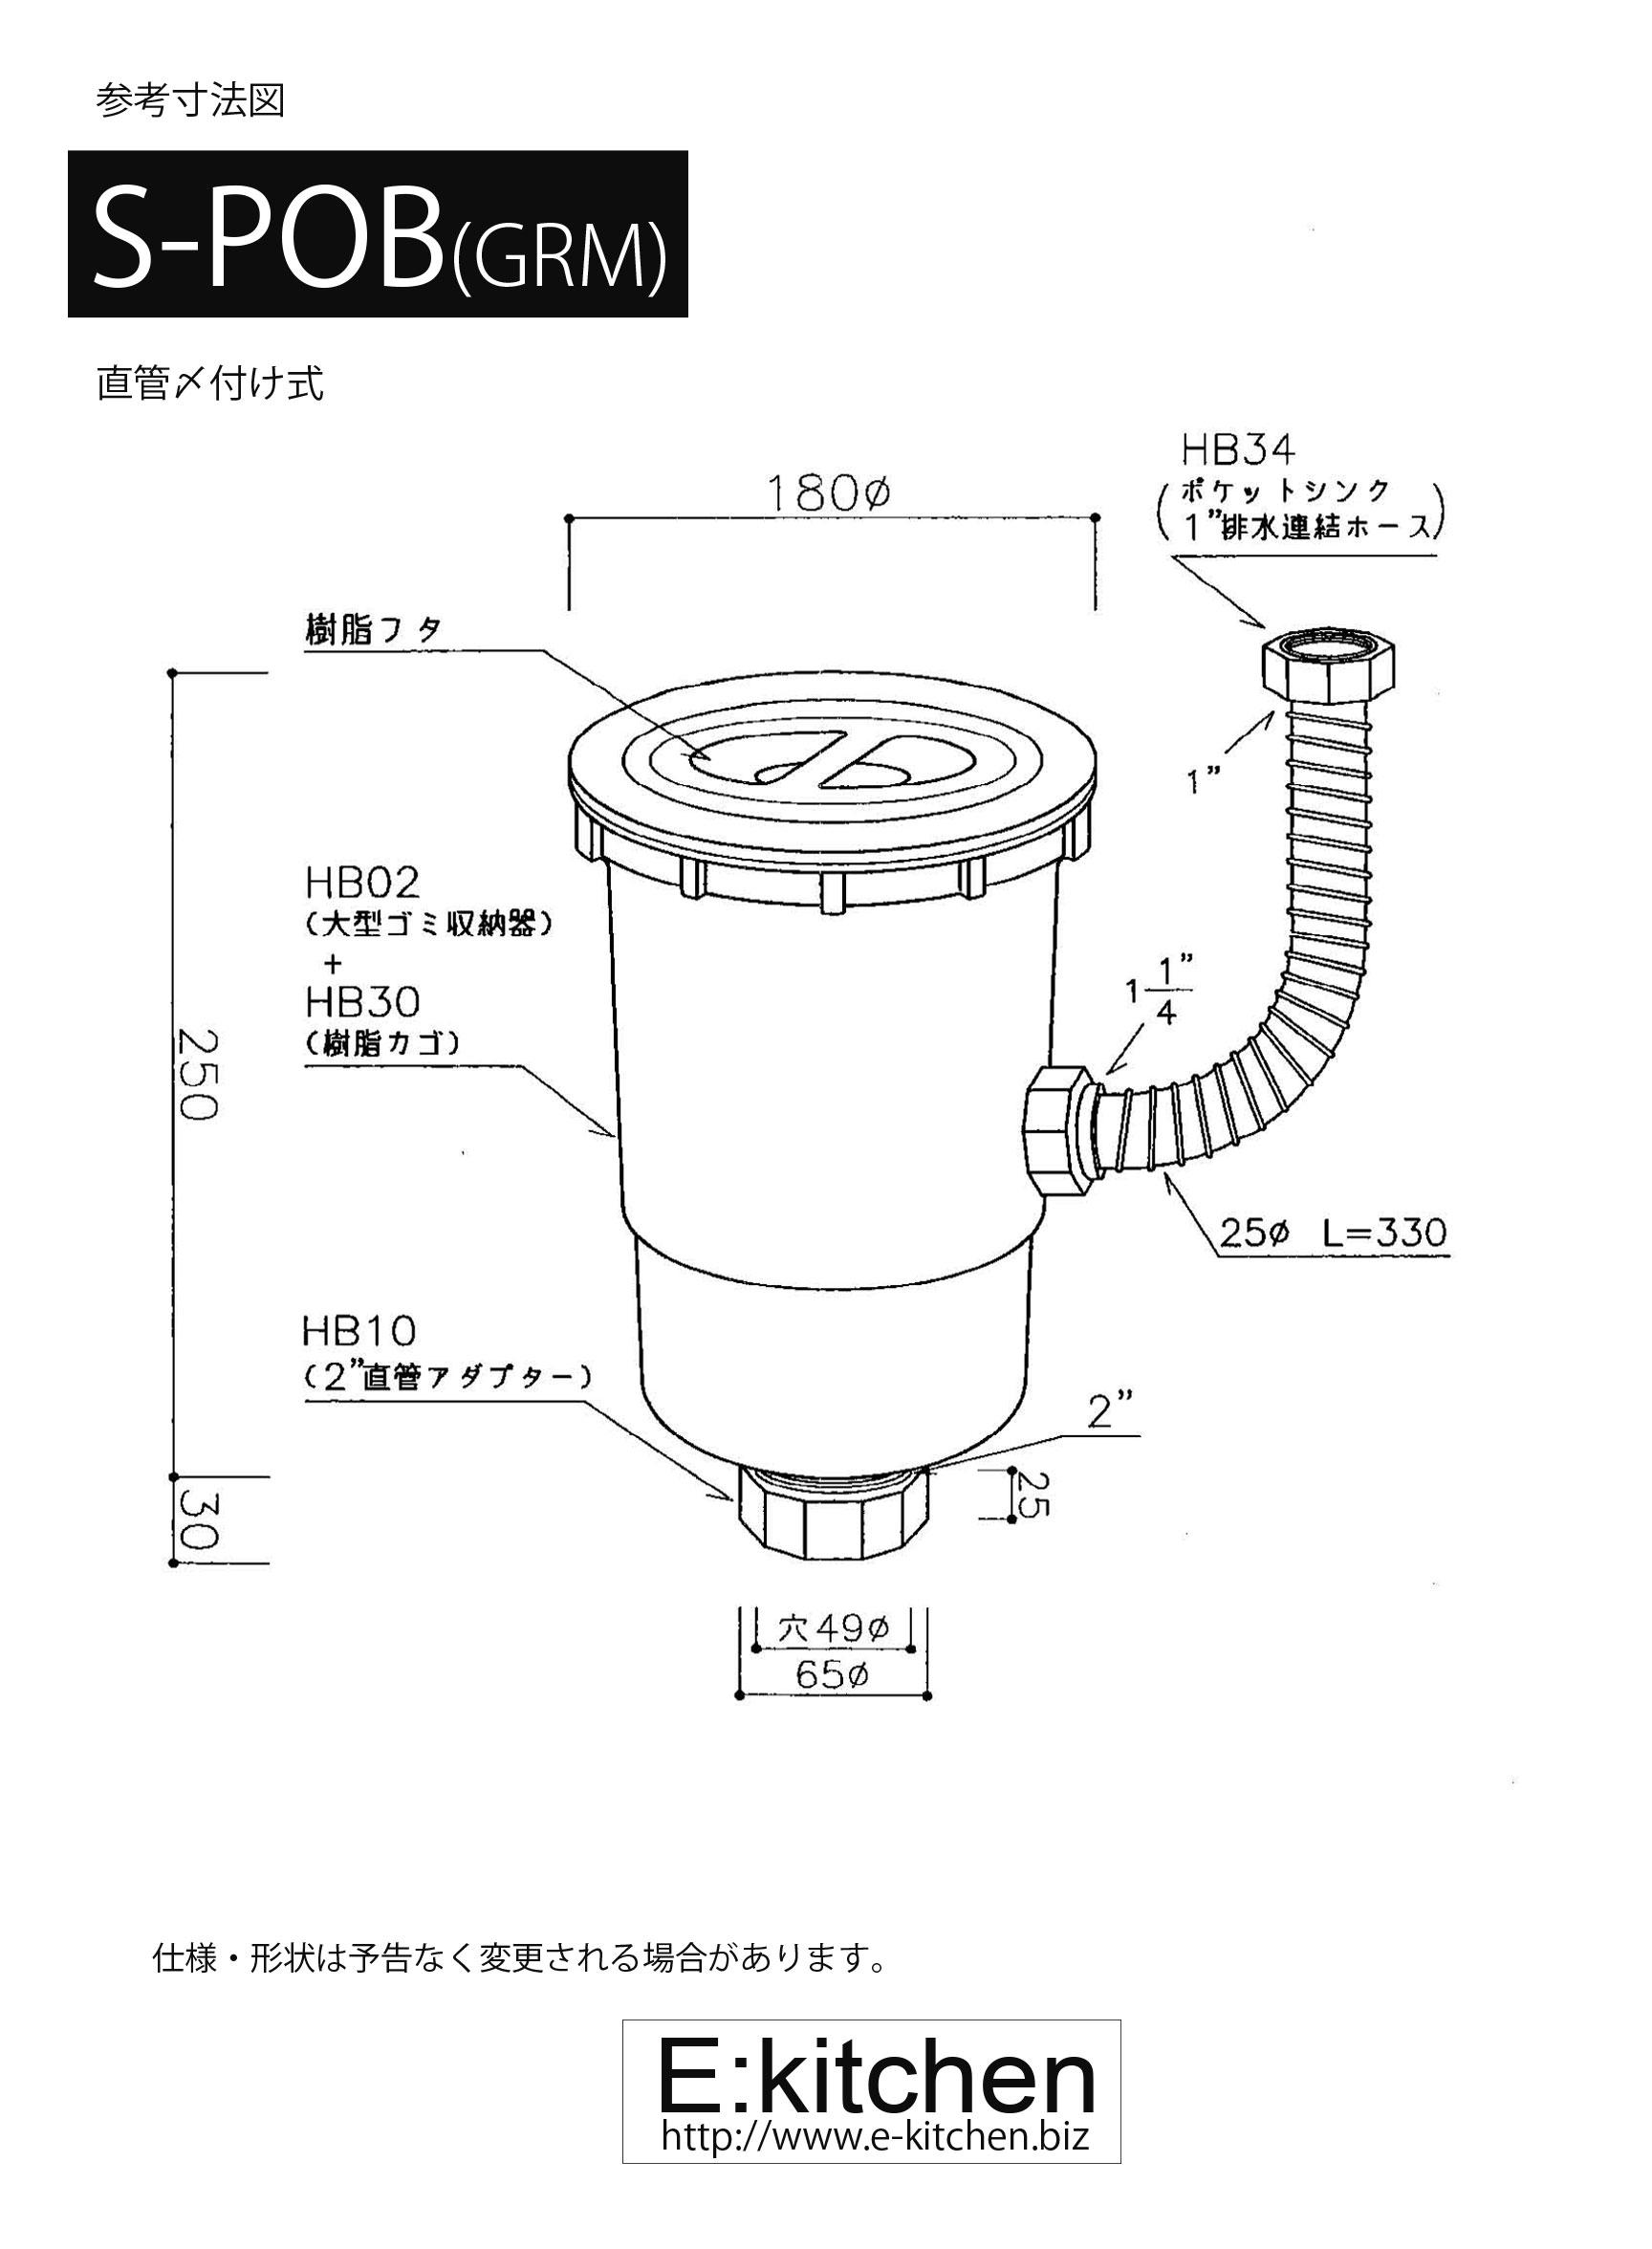 CKシリーズ 排水部品S-POB(GRM)